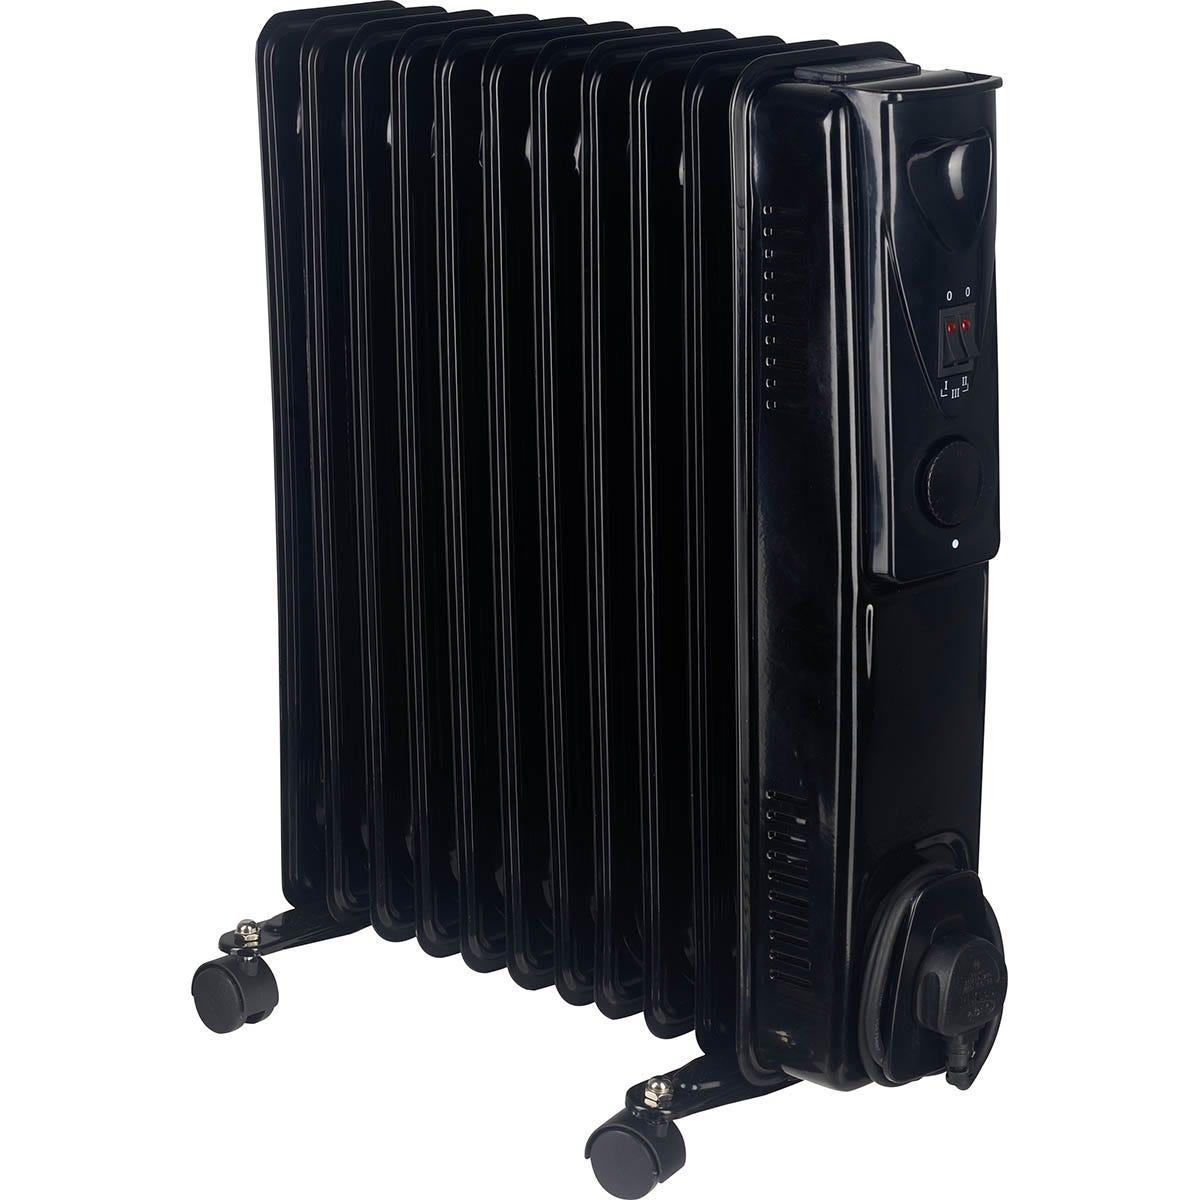 Fine Elements 2.5KW 11 Fin Oil Heater - Black